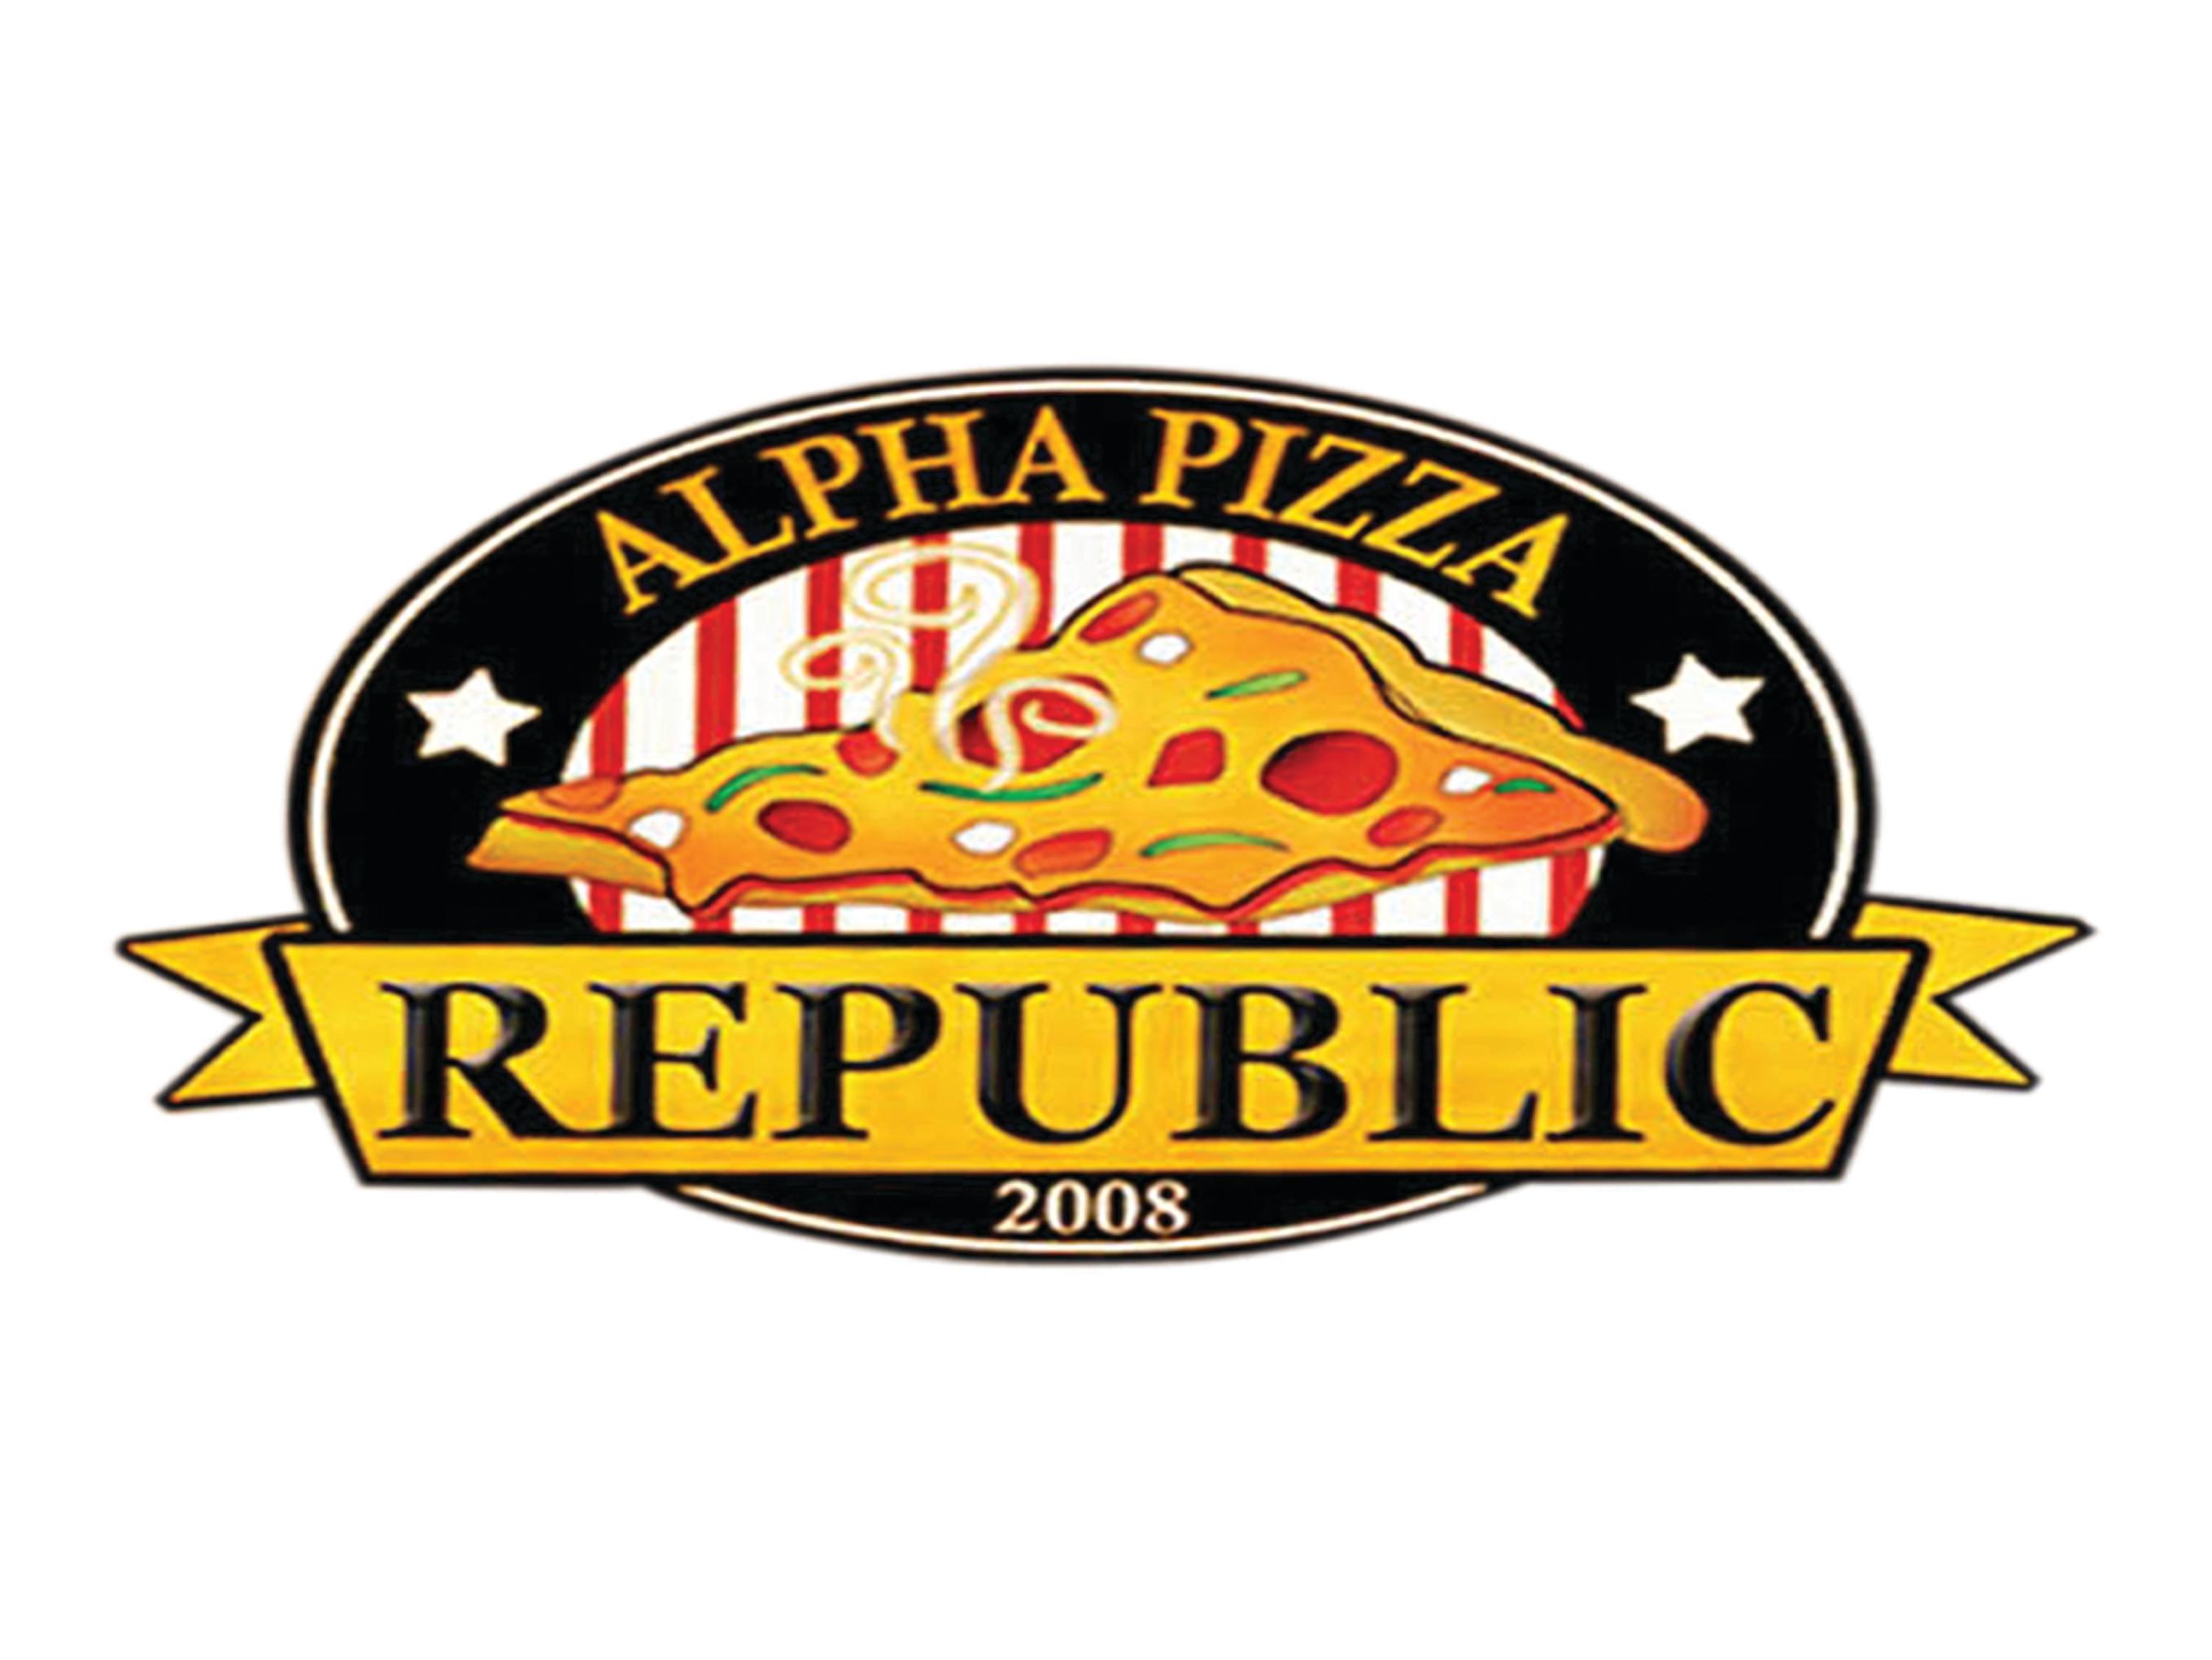 01. ALPHA PIZZA REPUBLIC